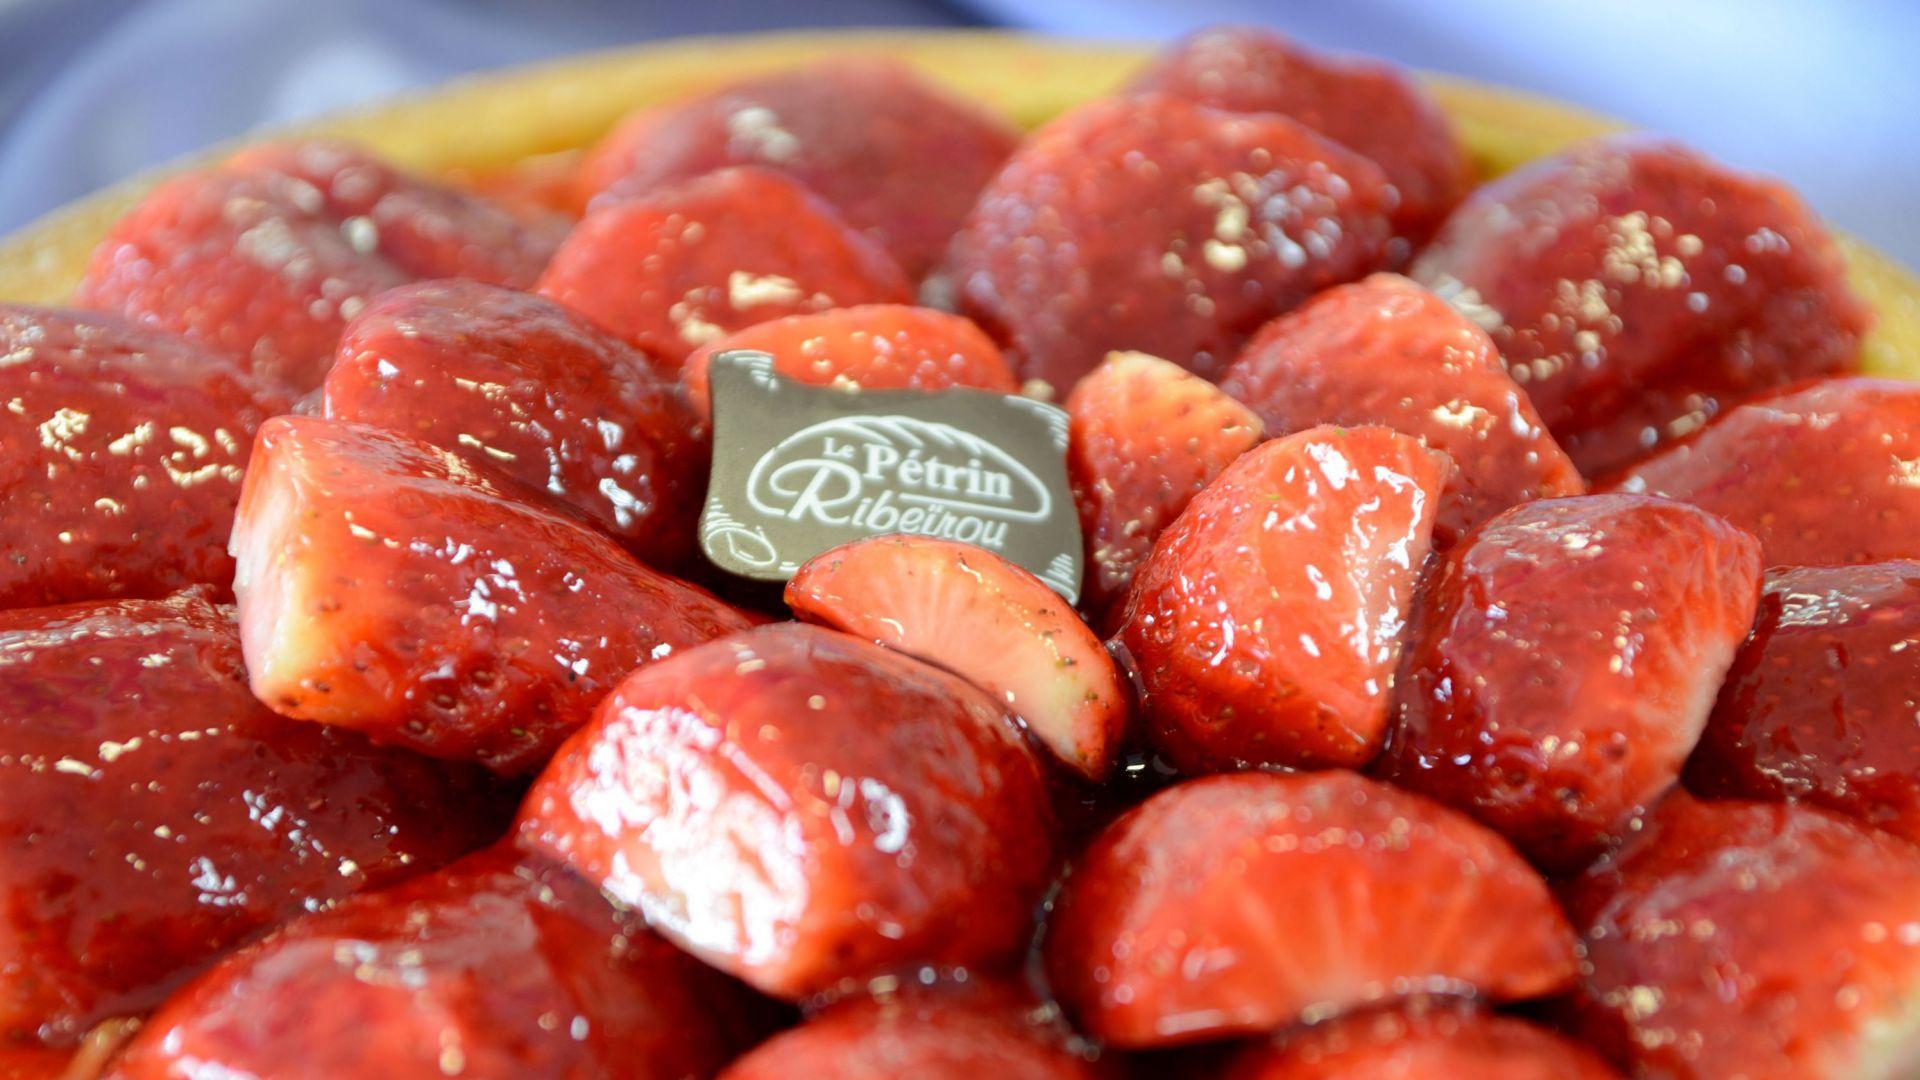 Tarte aux fraises - DSC_0410.JPG